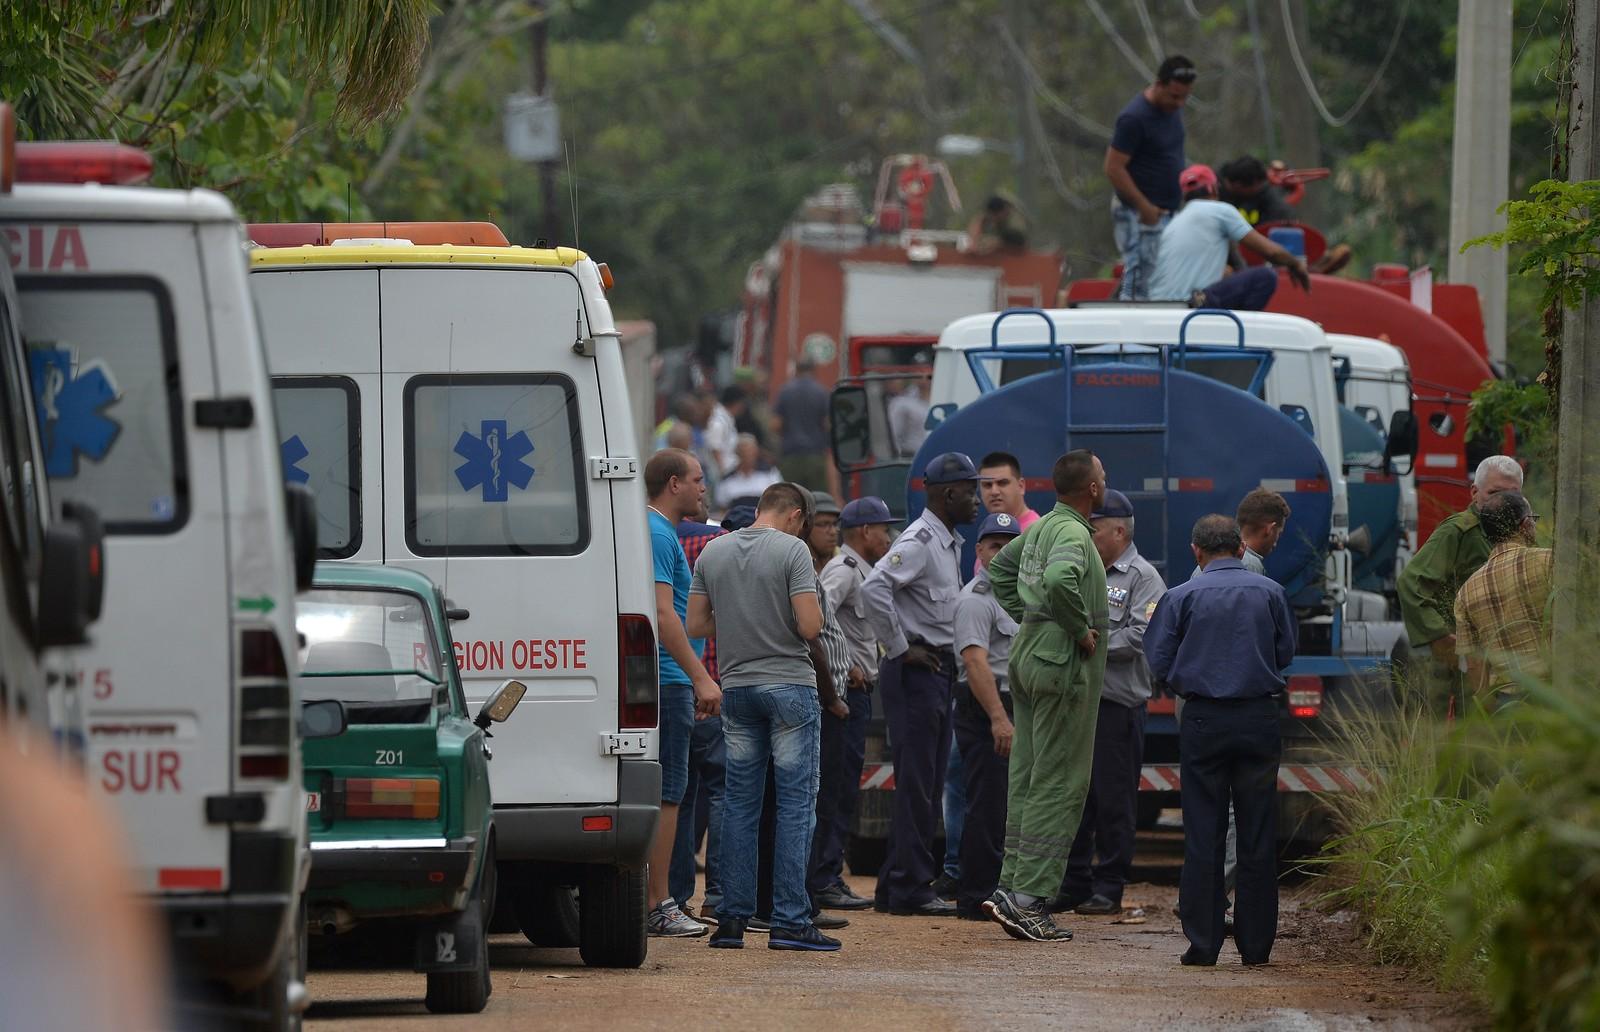 Equipes de resgate estão no local que o avião caiu em Havana. (Foto: Yamil LAGE / AFP)